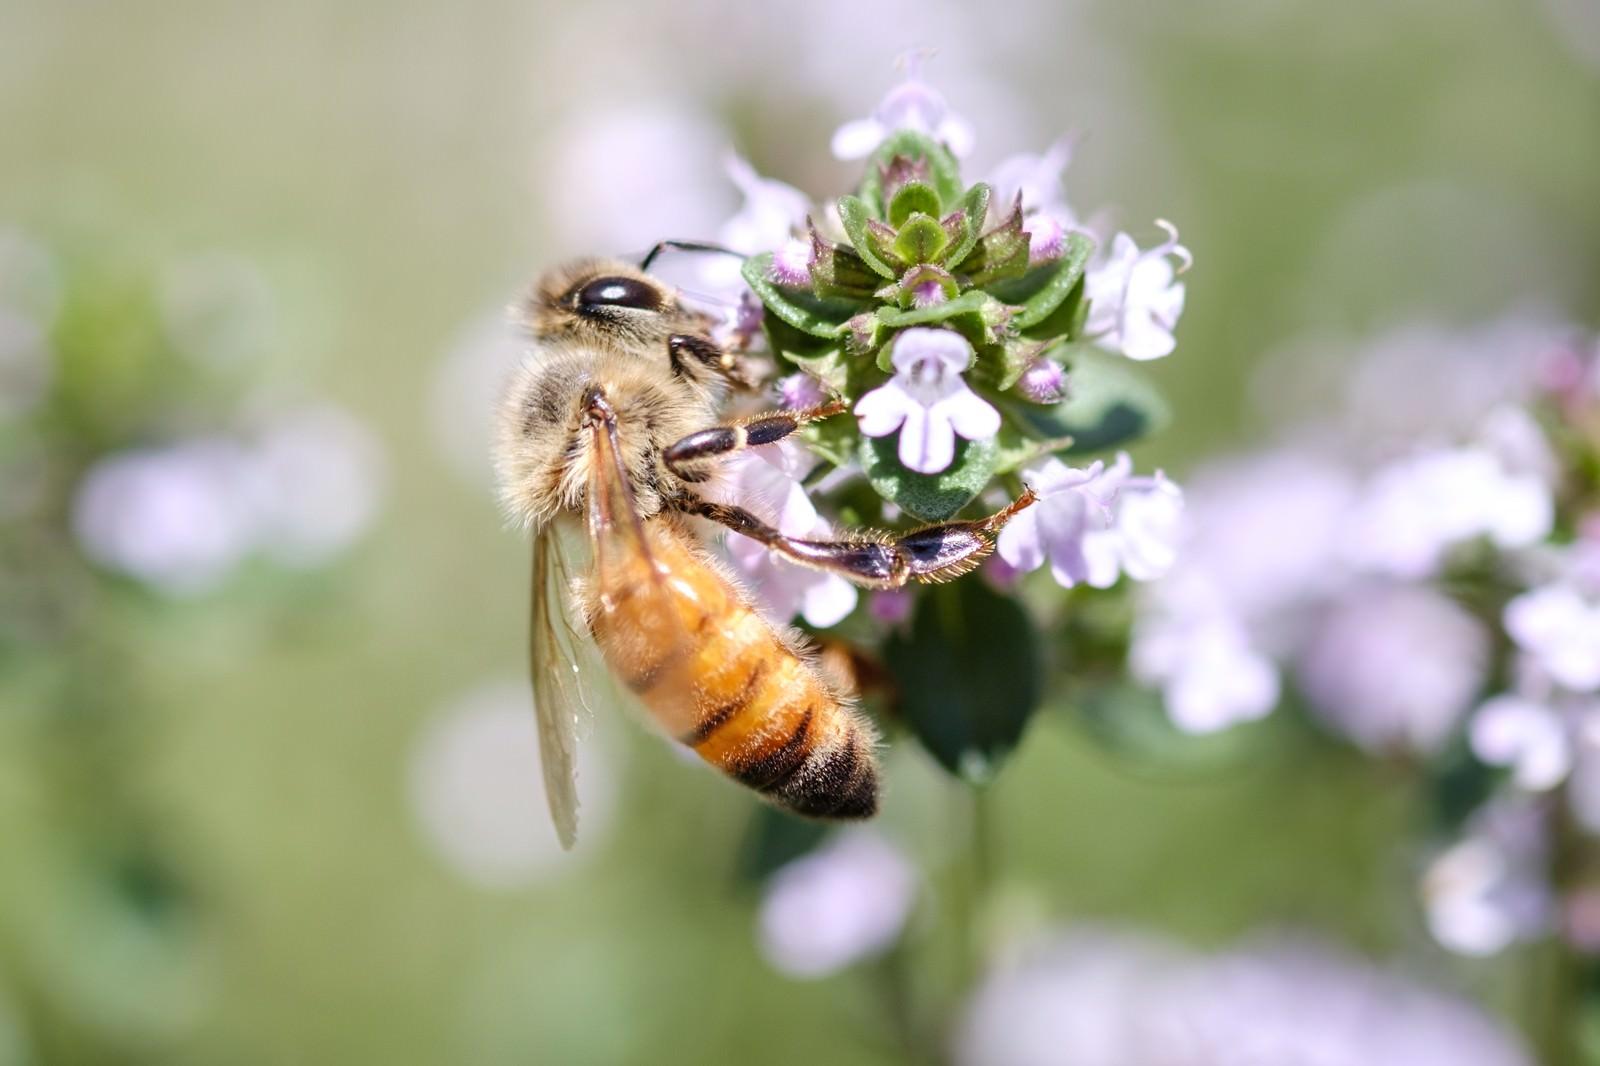 「ハーブから吸蜜するセイヨウミツバチ」の写真